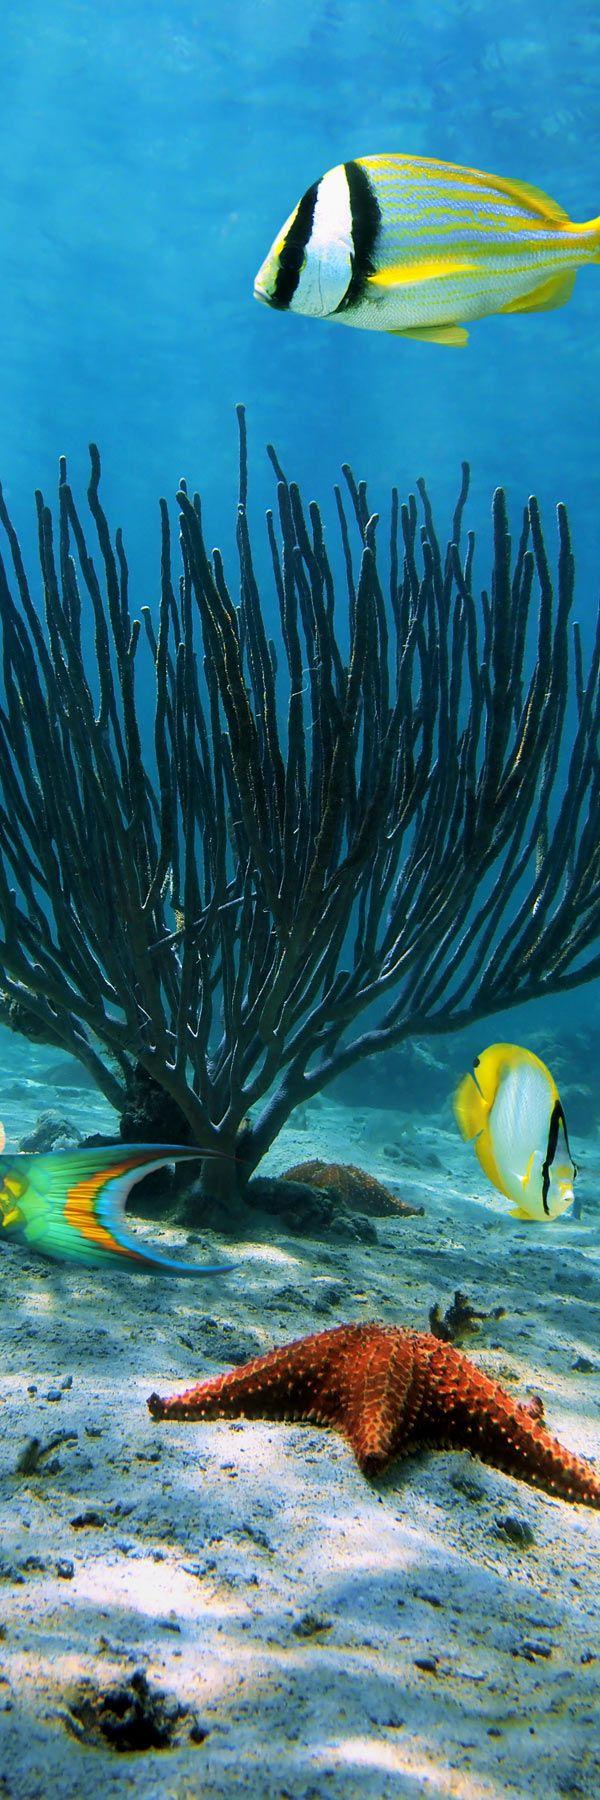 25 best underwater animals ideas on pinterest underwater life